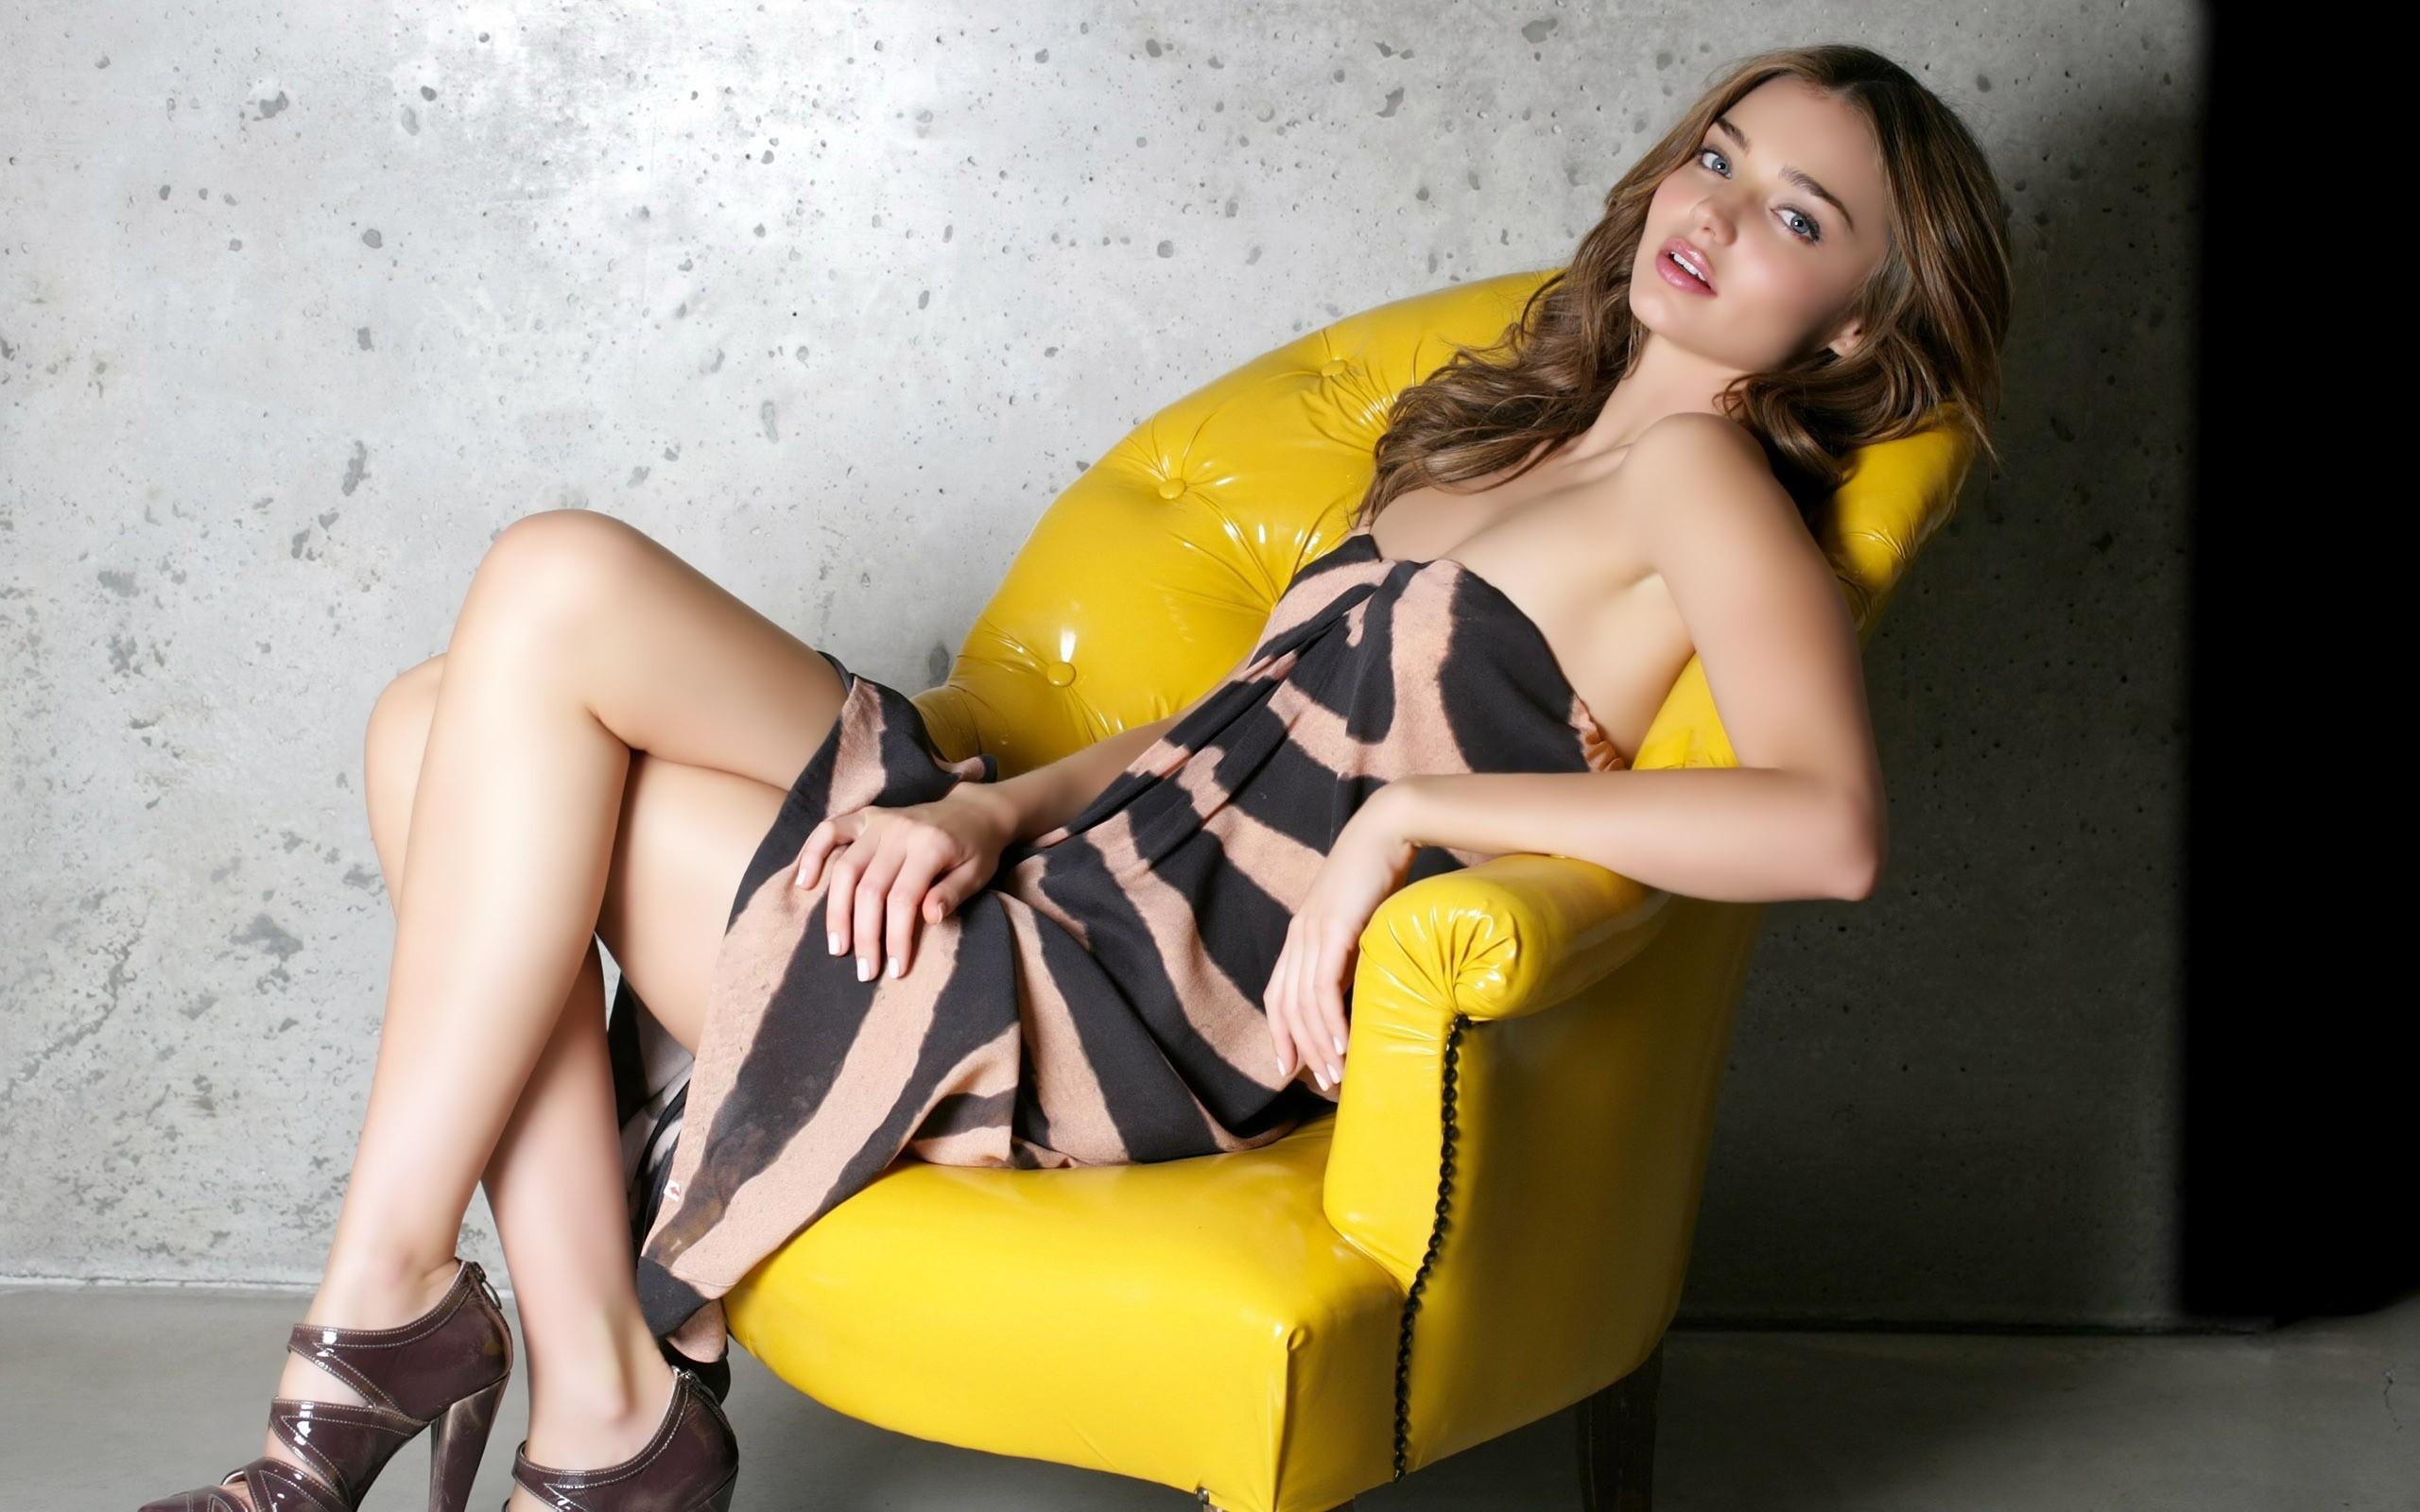 Фото девушек 18 в кресле 7 фотография